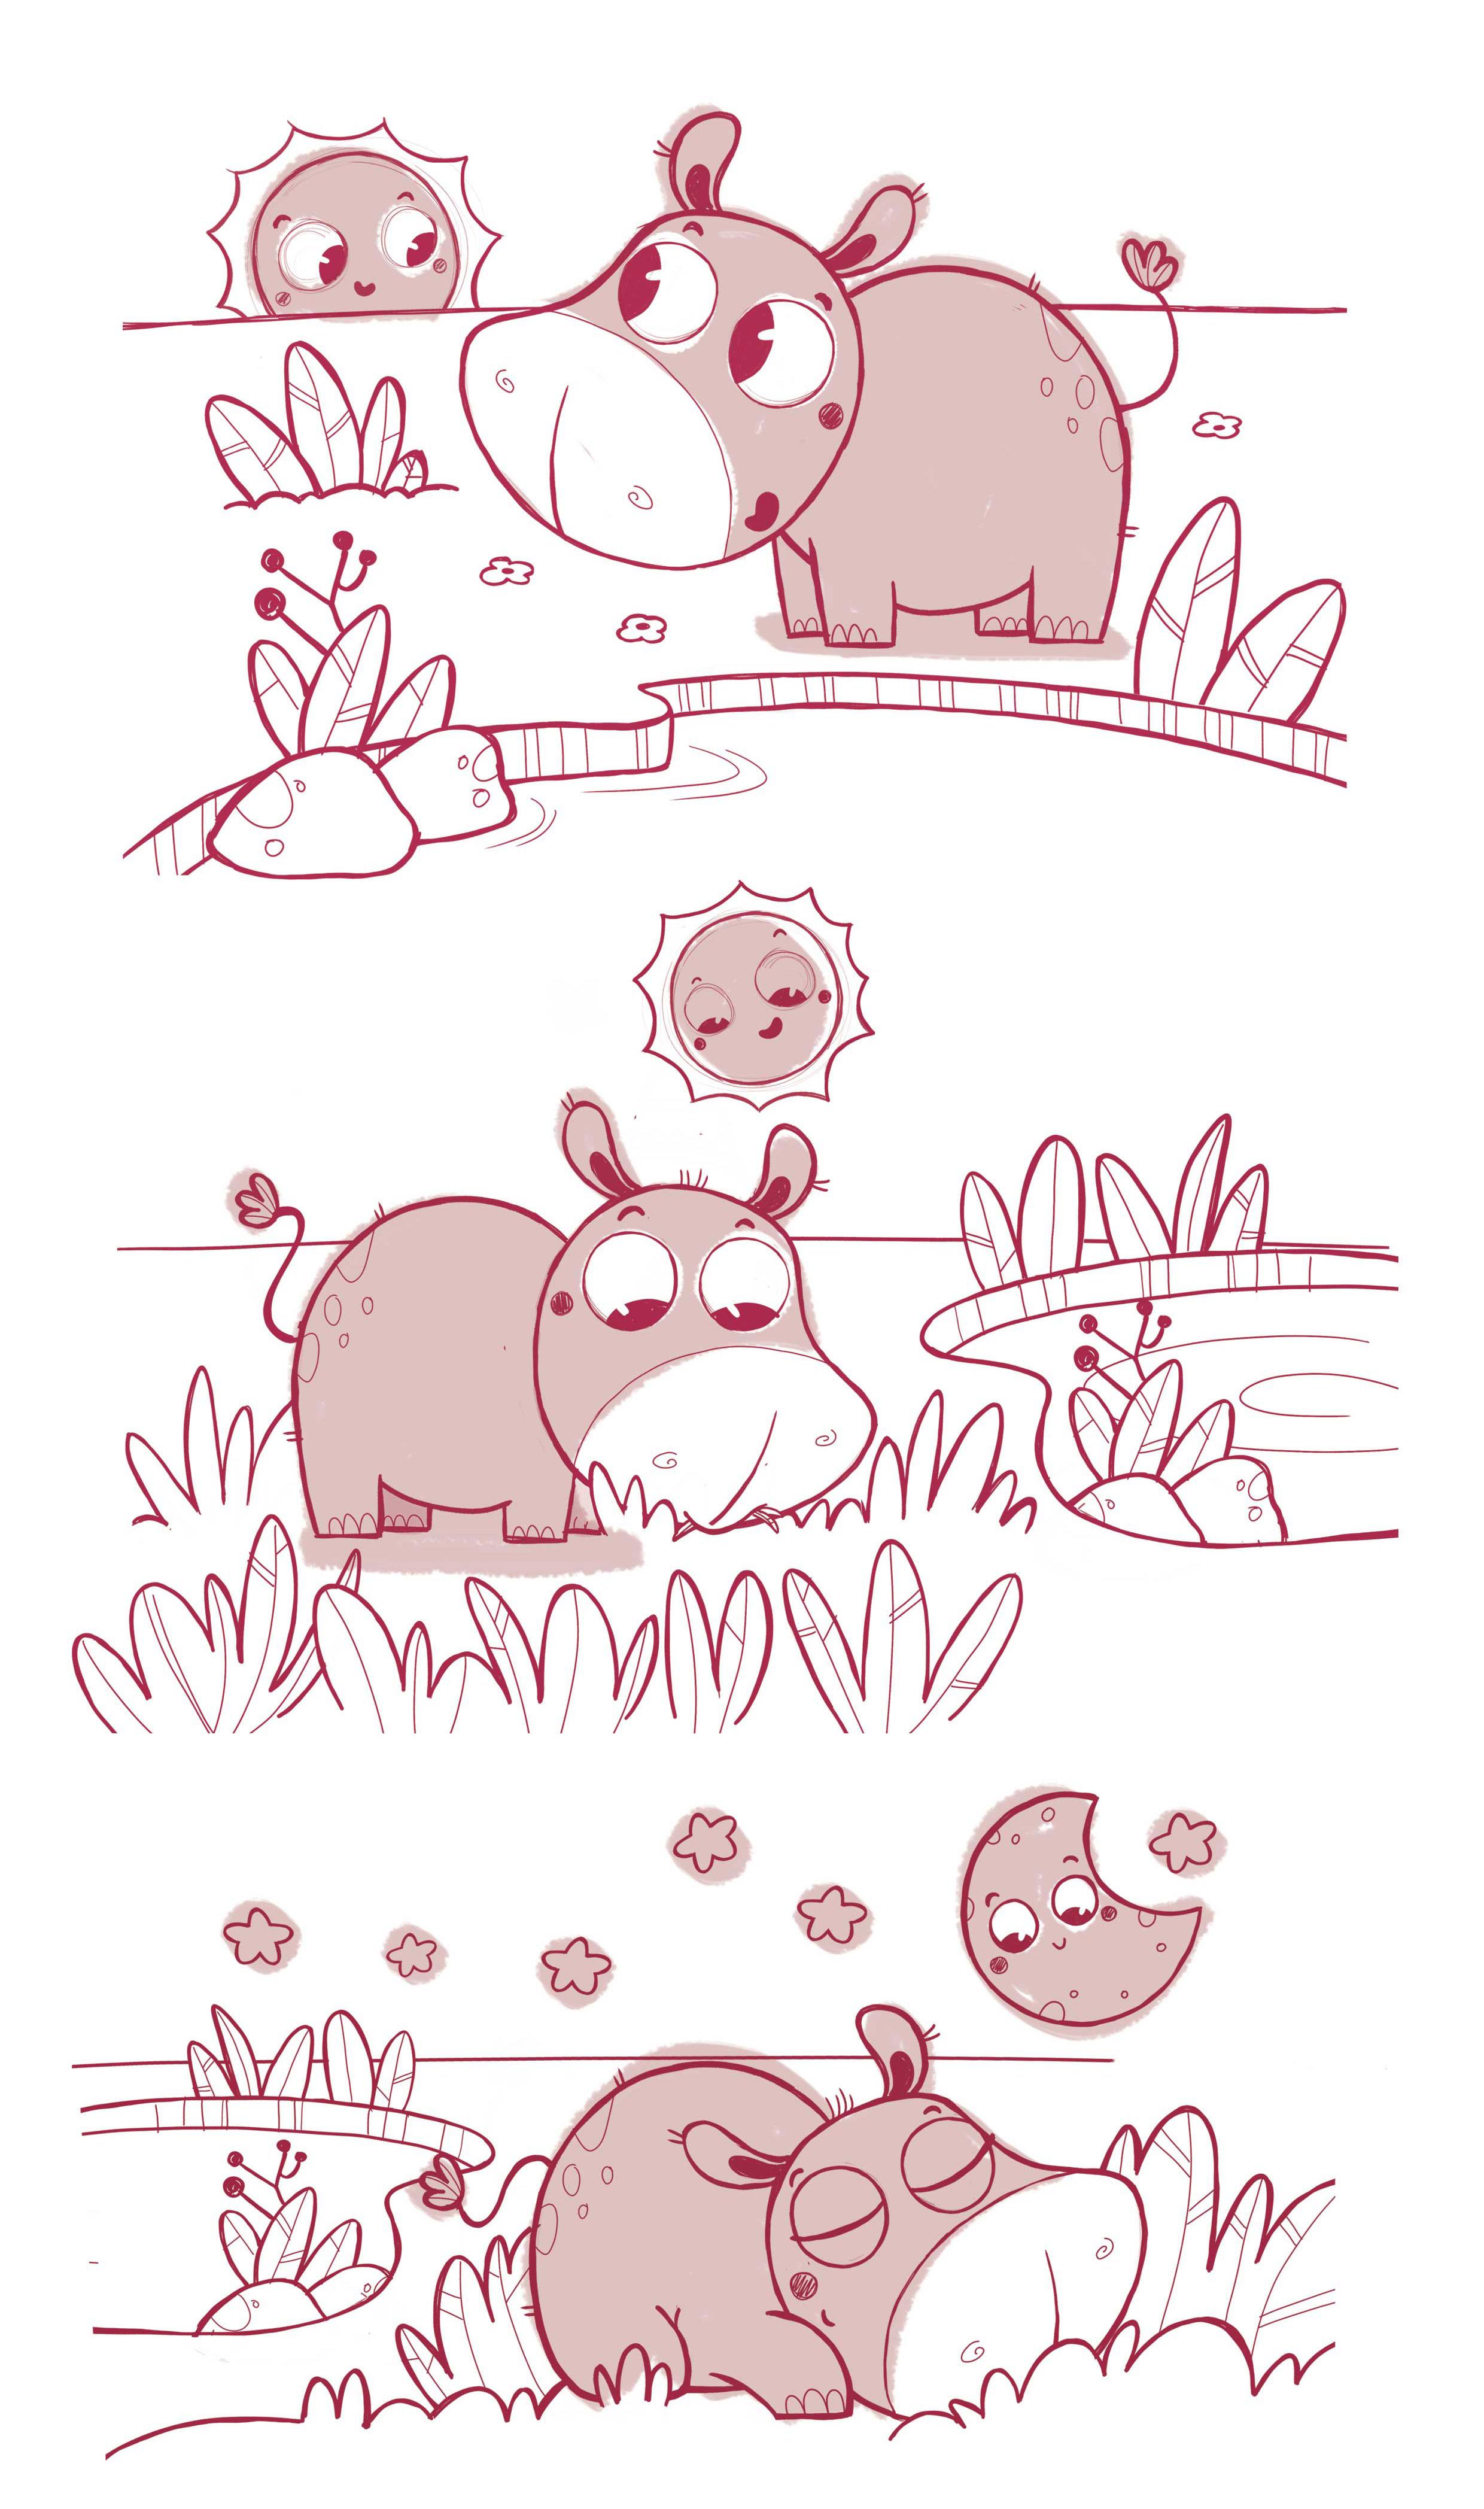 bocetos_ilustracion_infantil_tami_proyecto_veo_veo